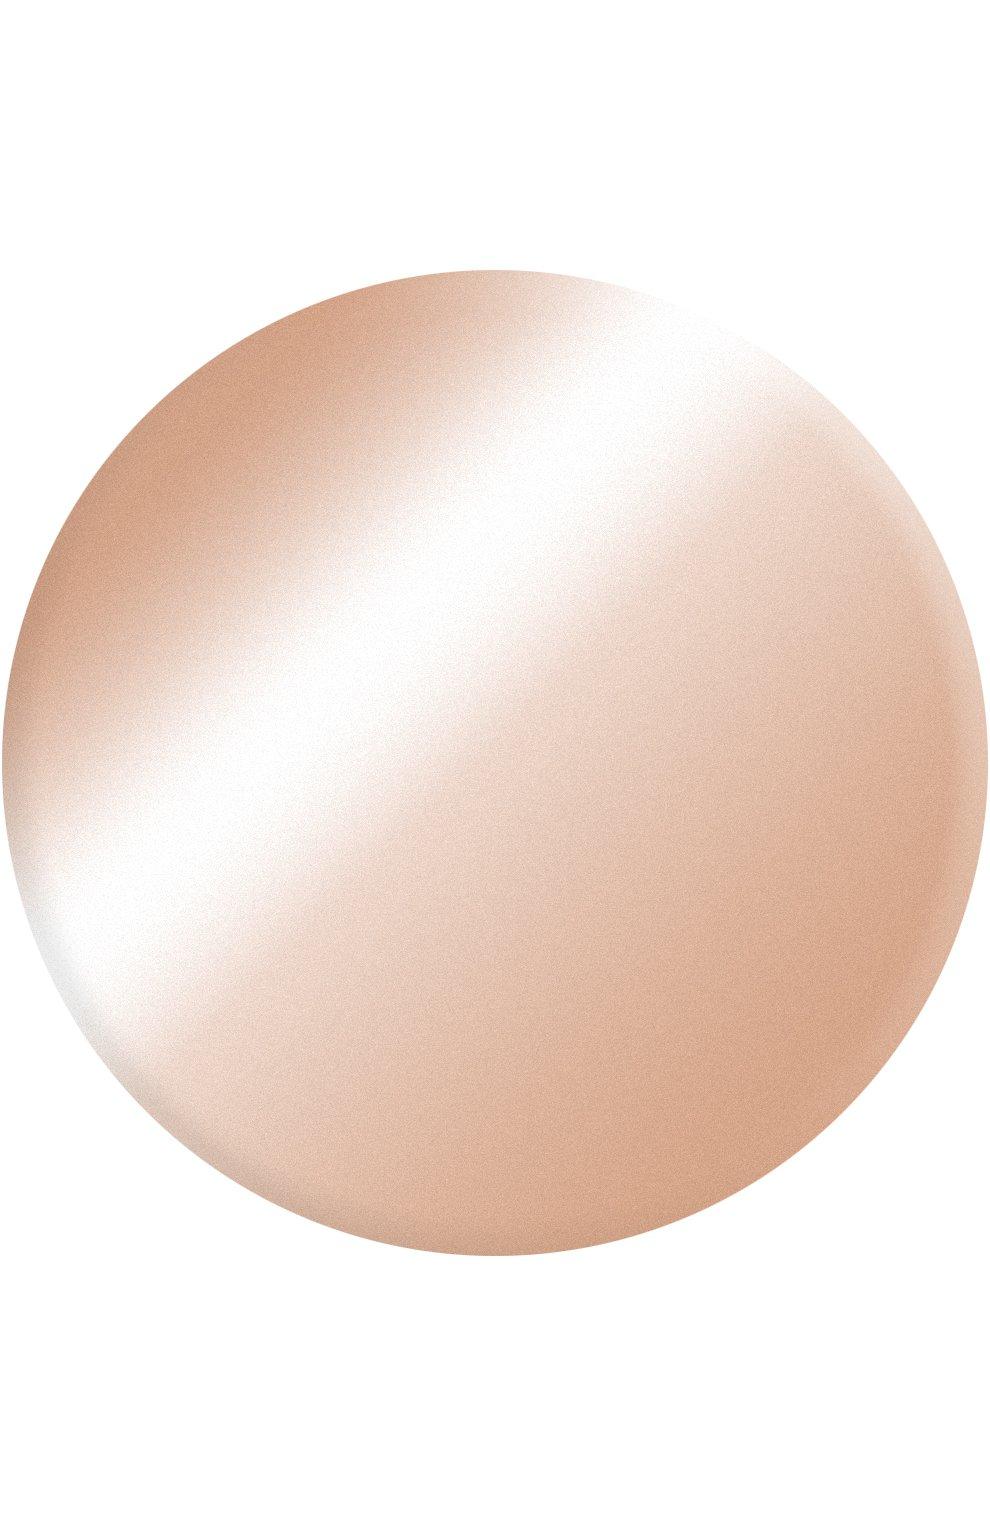 Женская компактная пудра с полупрозрачной текстурой i60 SHISEIDO бесцветного цвета, арт. 11266SH | Фото 2